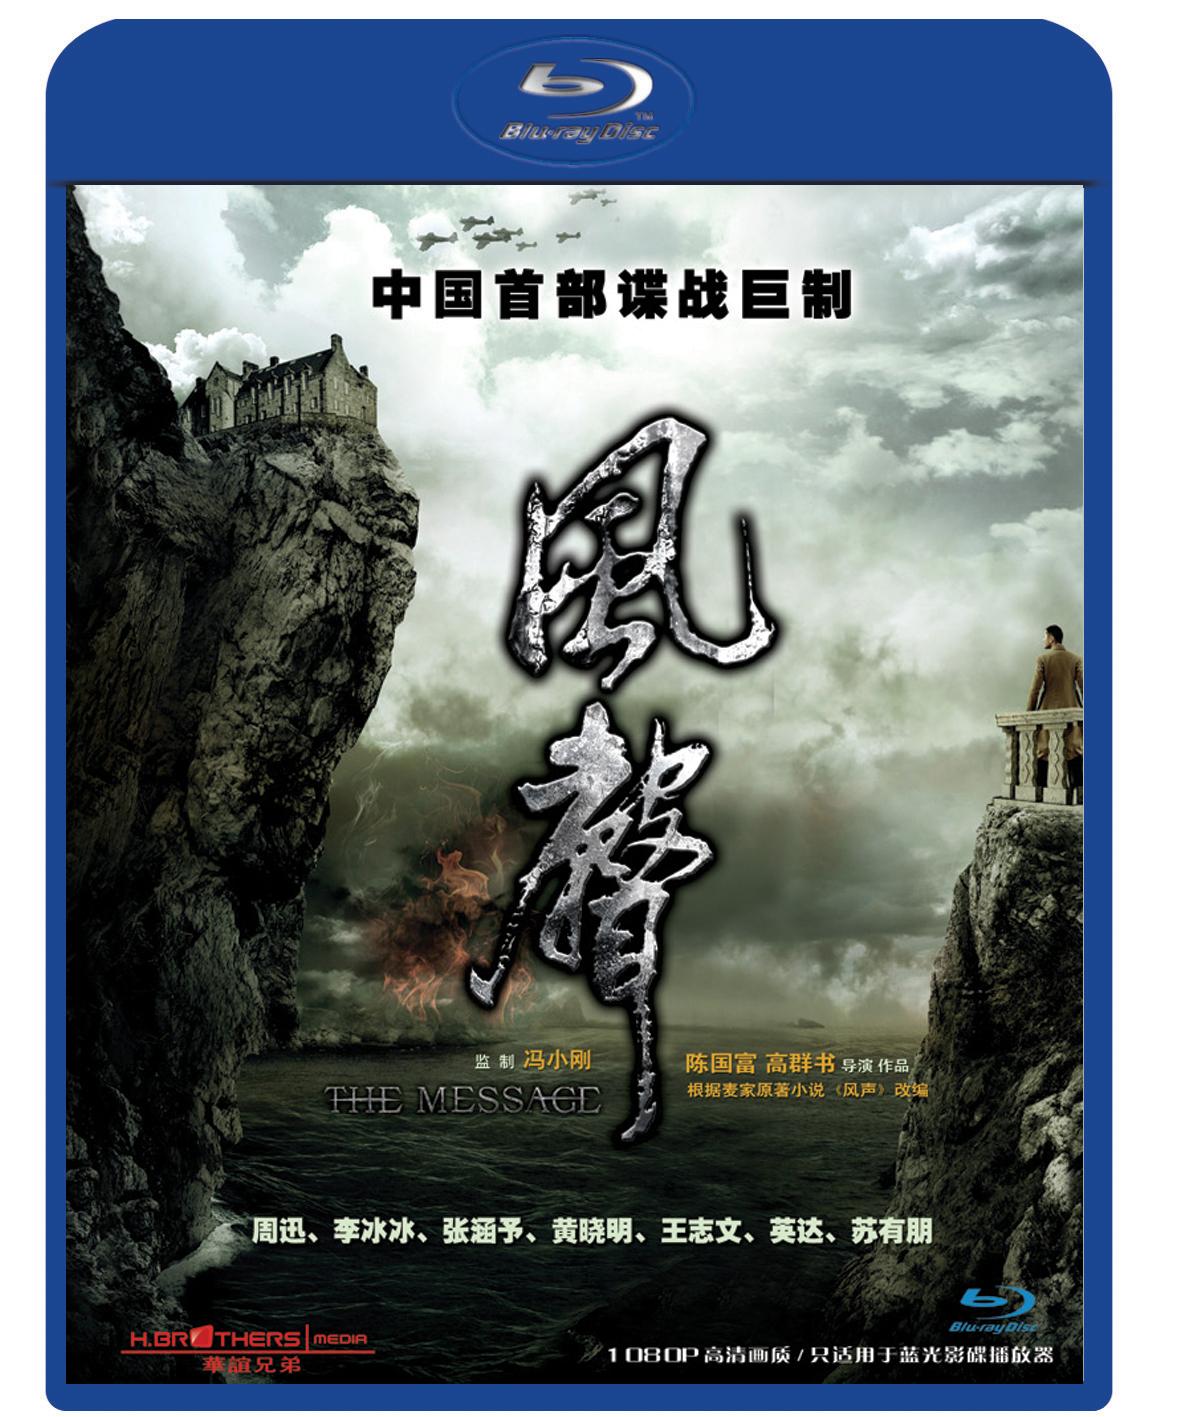 風聲 國語 原盤英簡繁SUP字幕 The Message 2009 BluRay 1080p DTS-HD MA 5.1 x265.10bit-BeiTai